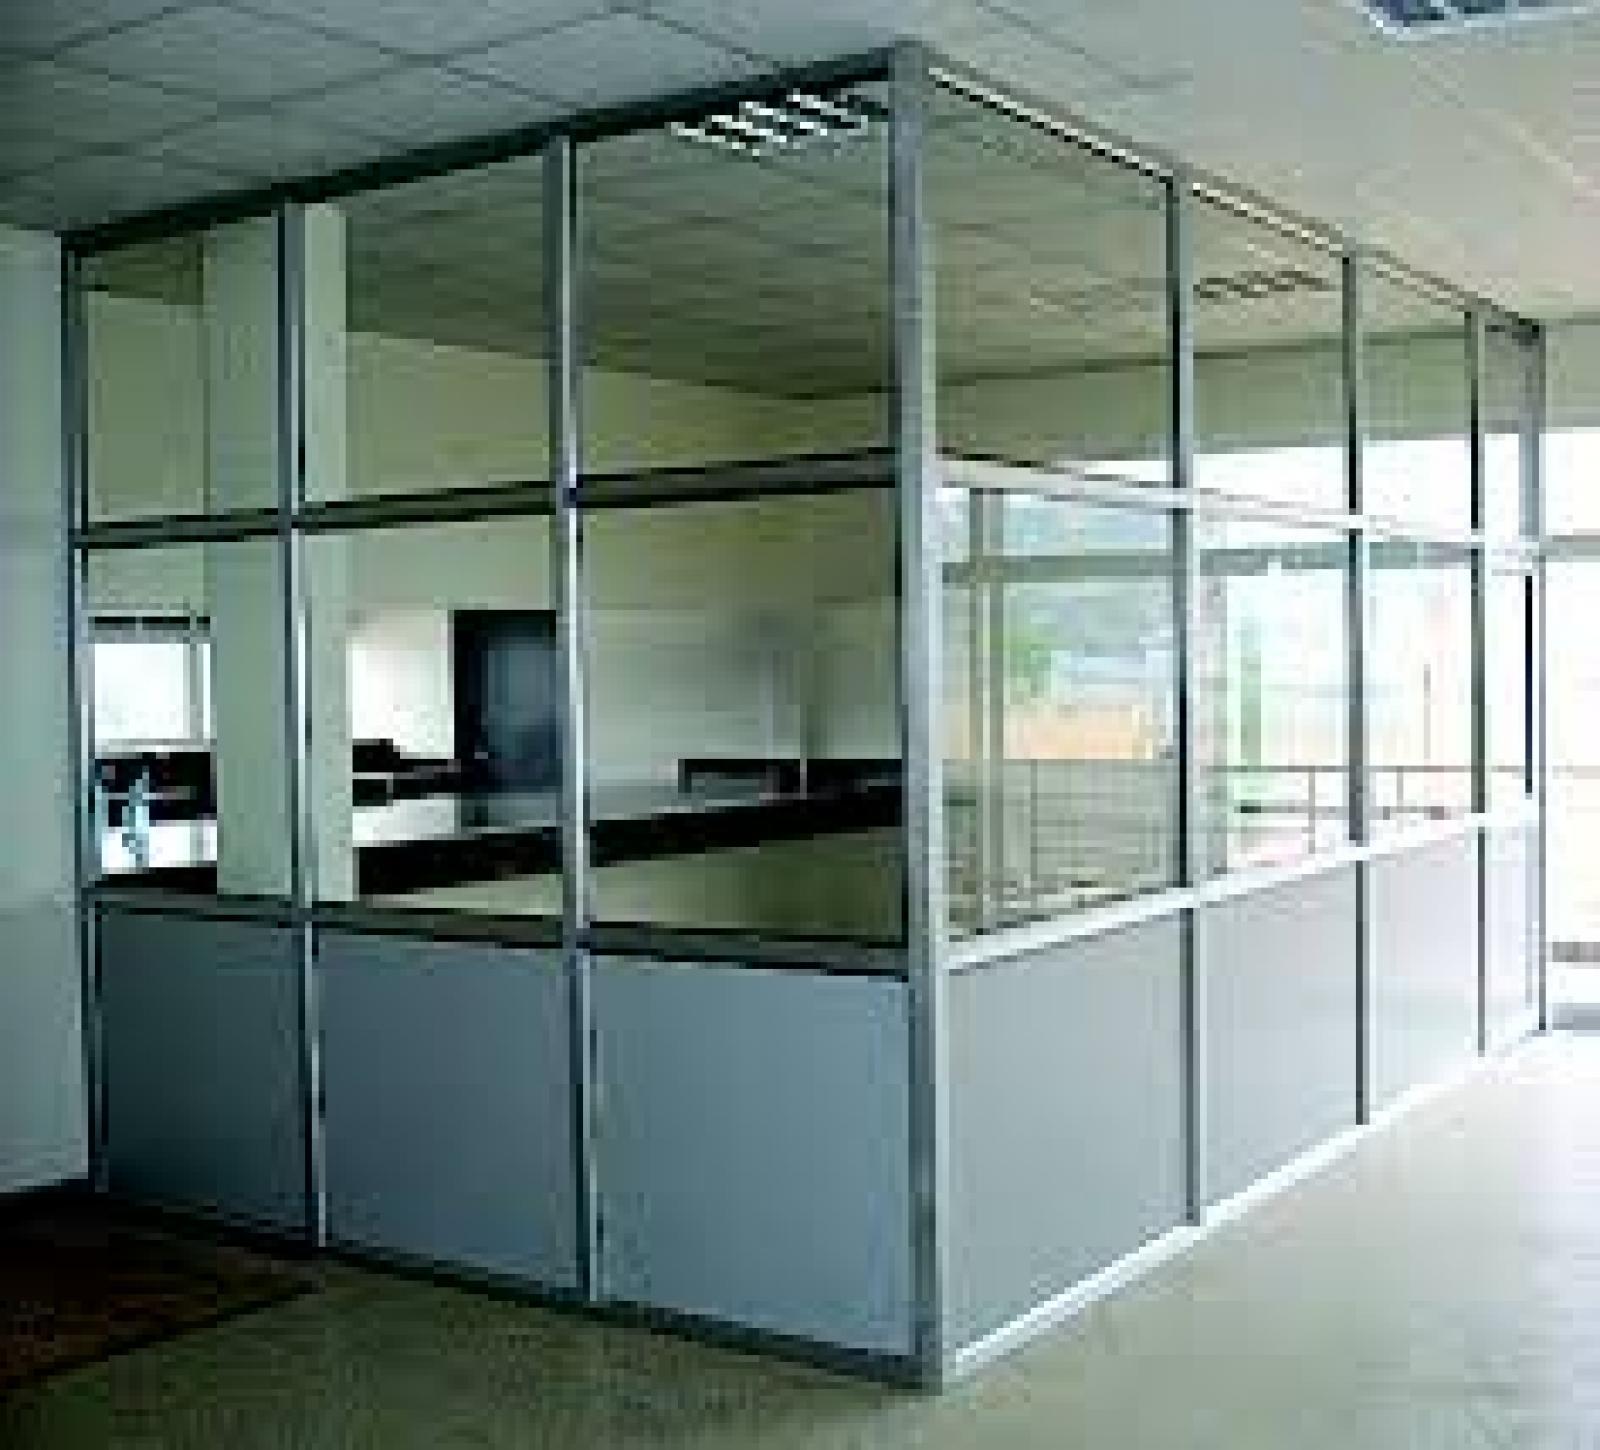 Bajarang Enterprises